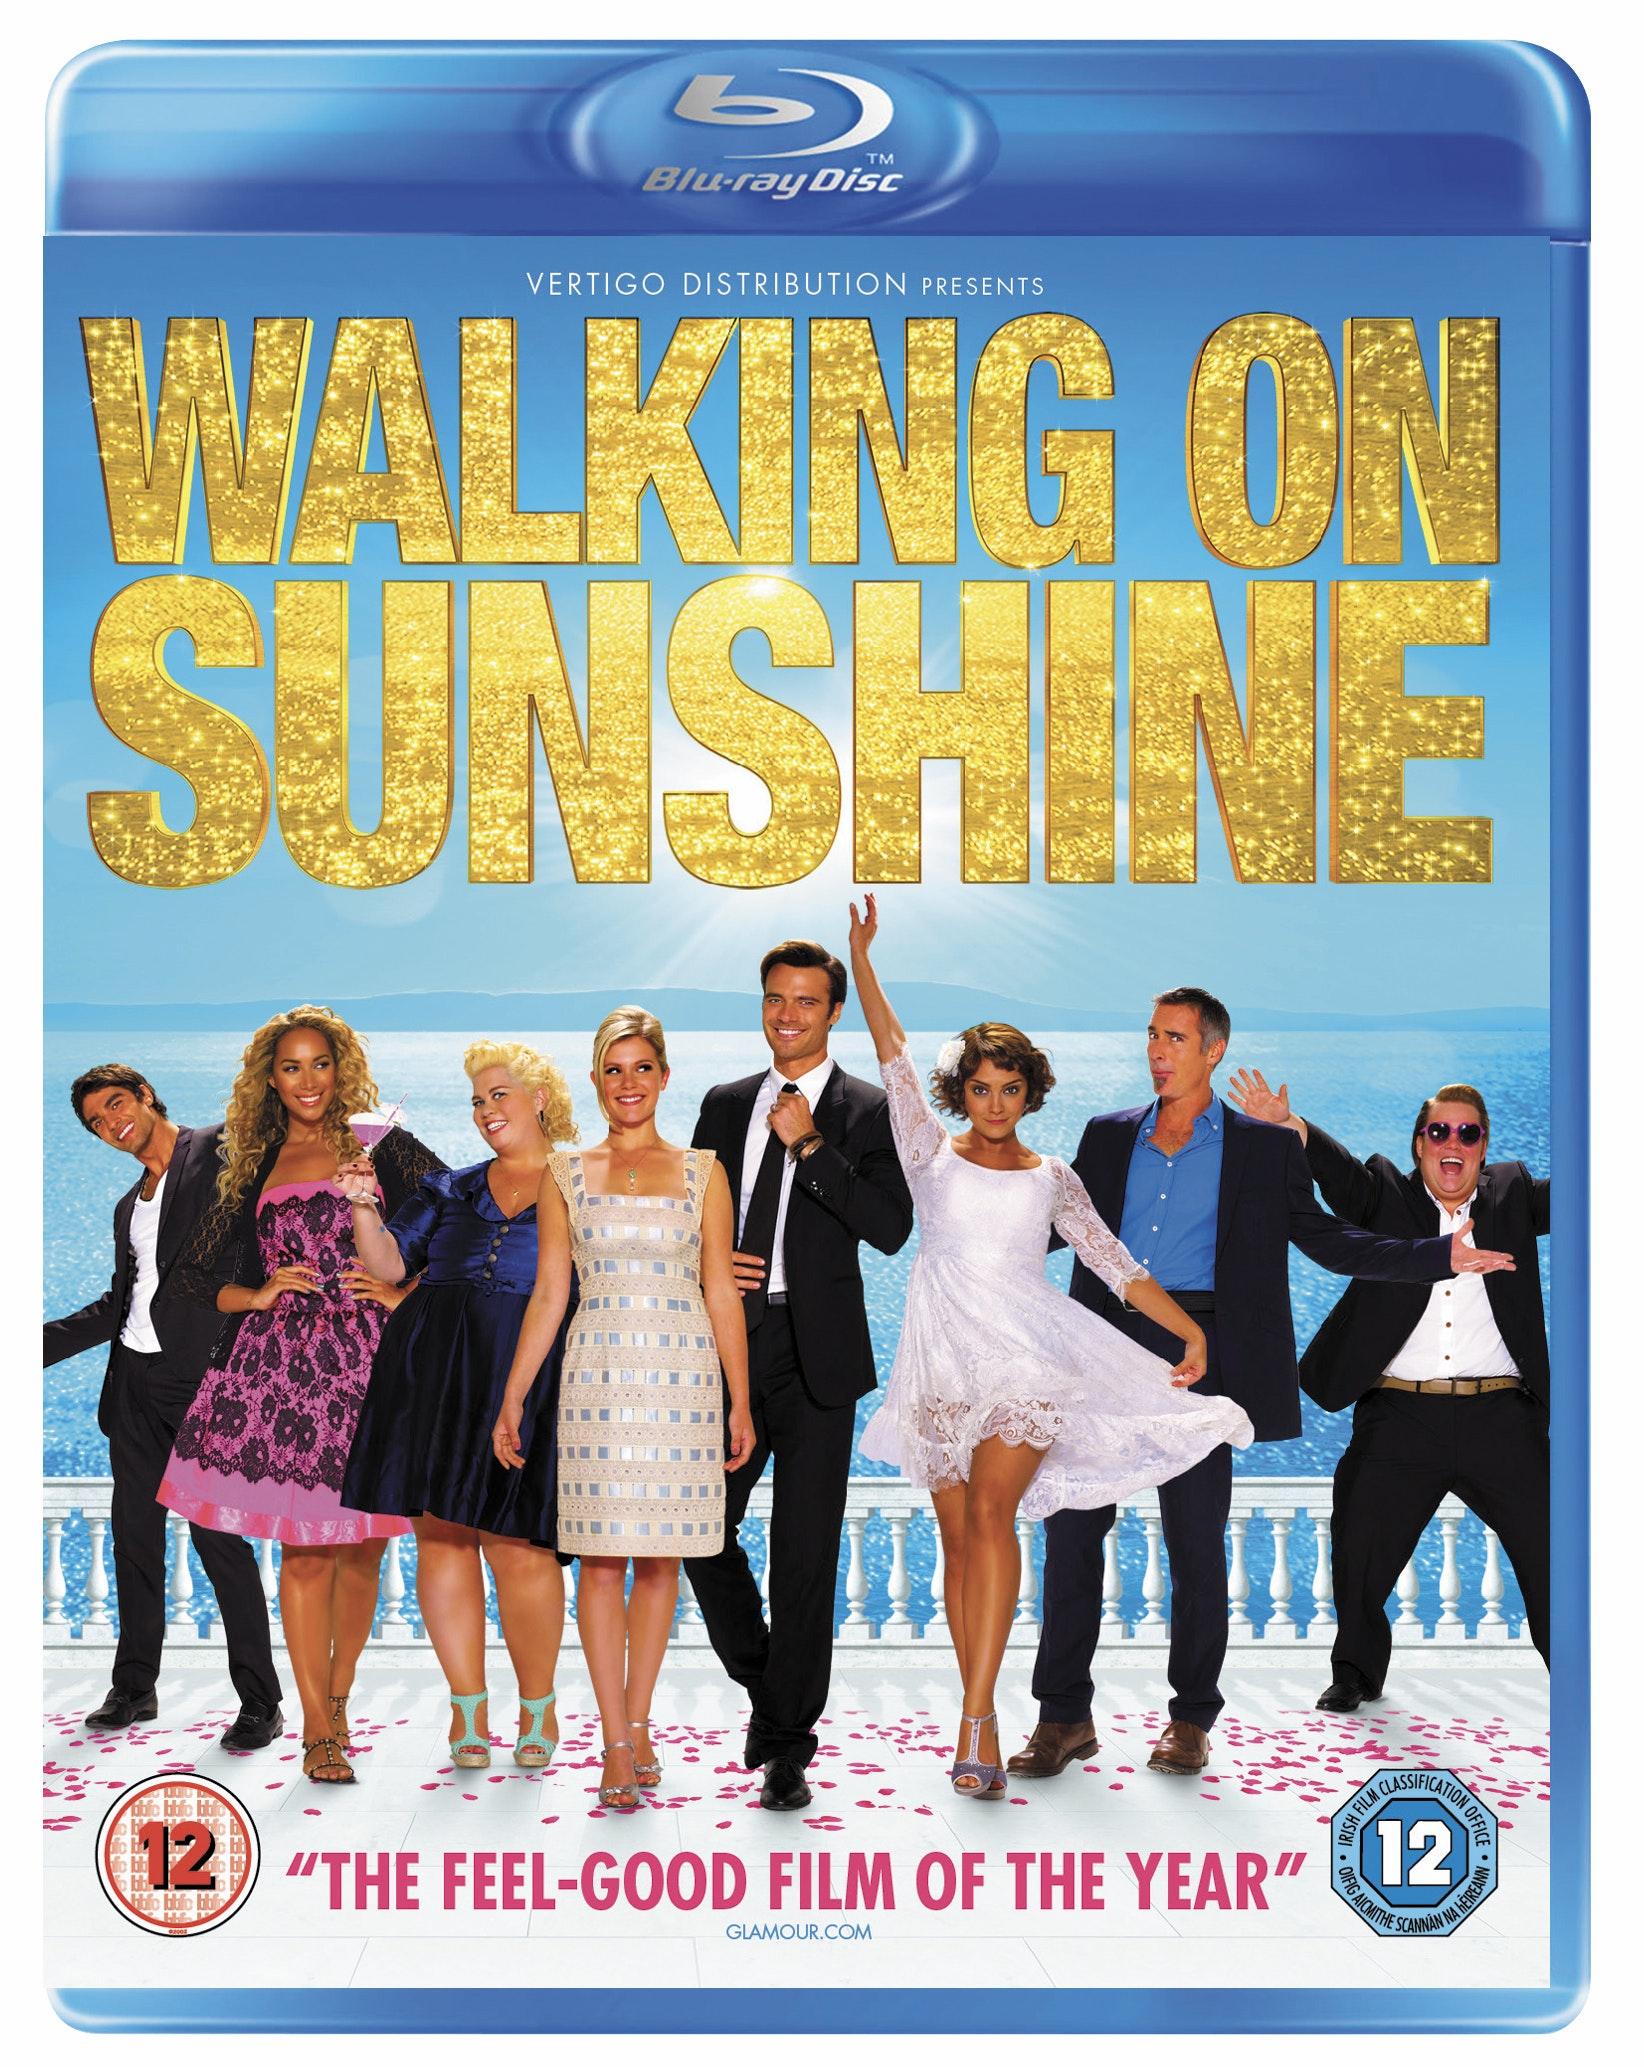 Walking on Sunshine sweepstakes